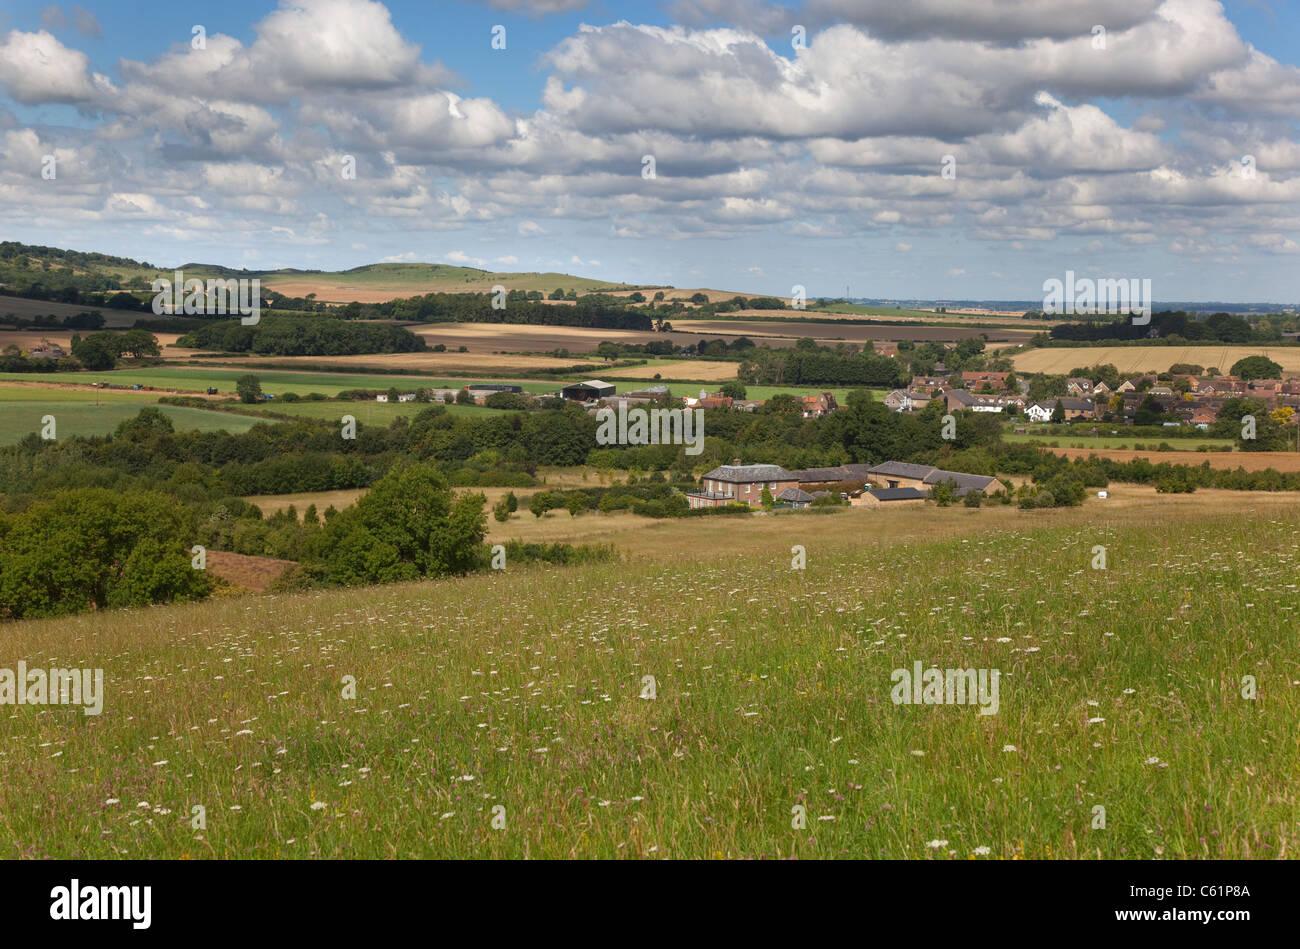 Dagnall village Gade Valley Hertfordshire August - Stock Image